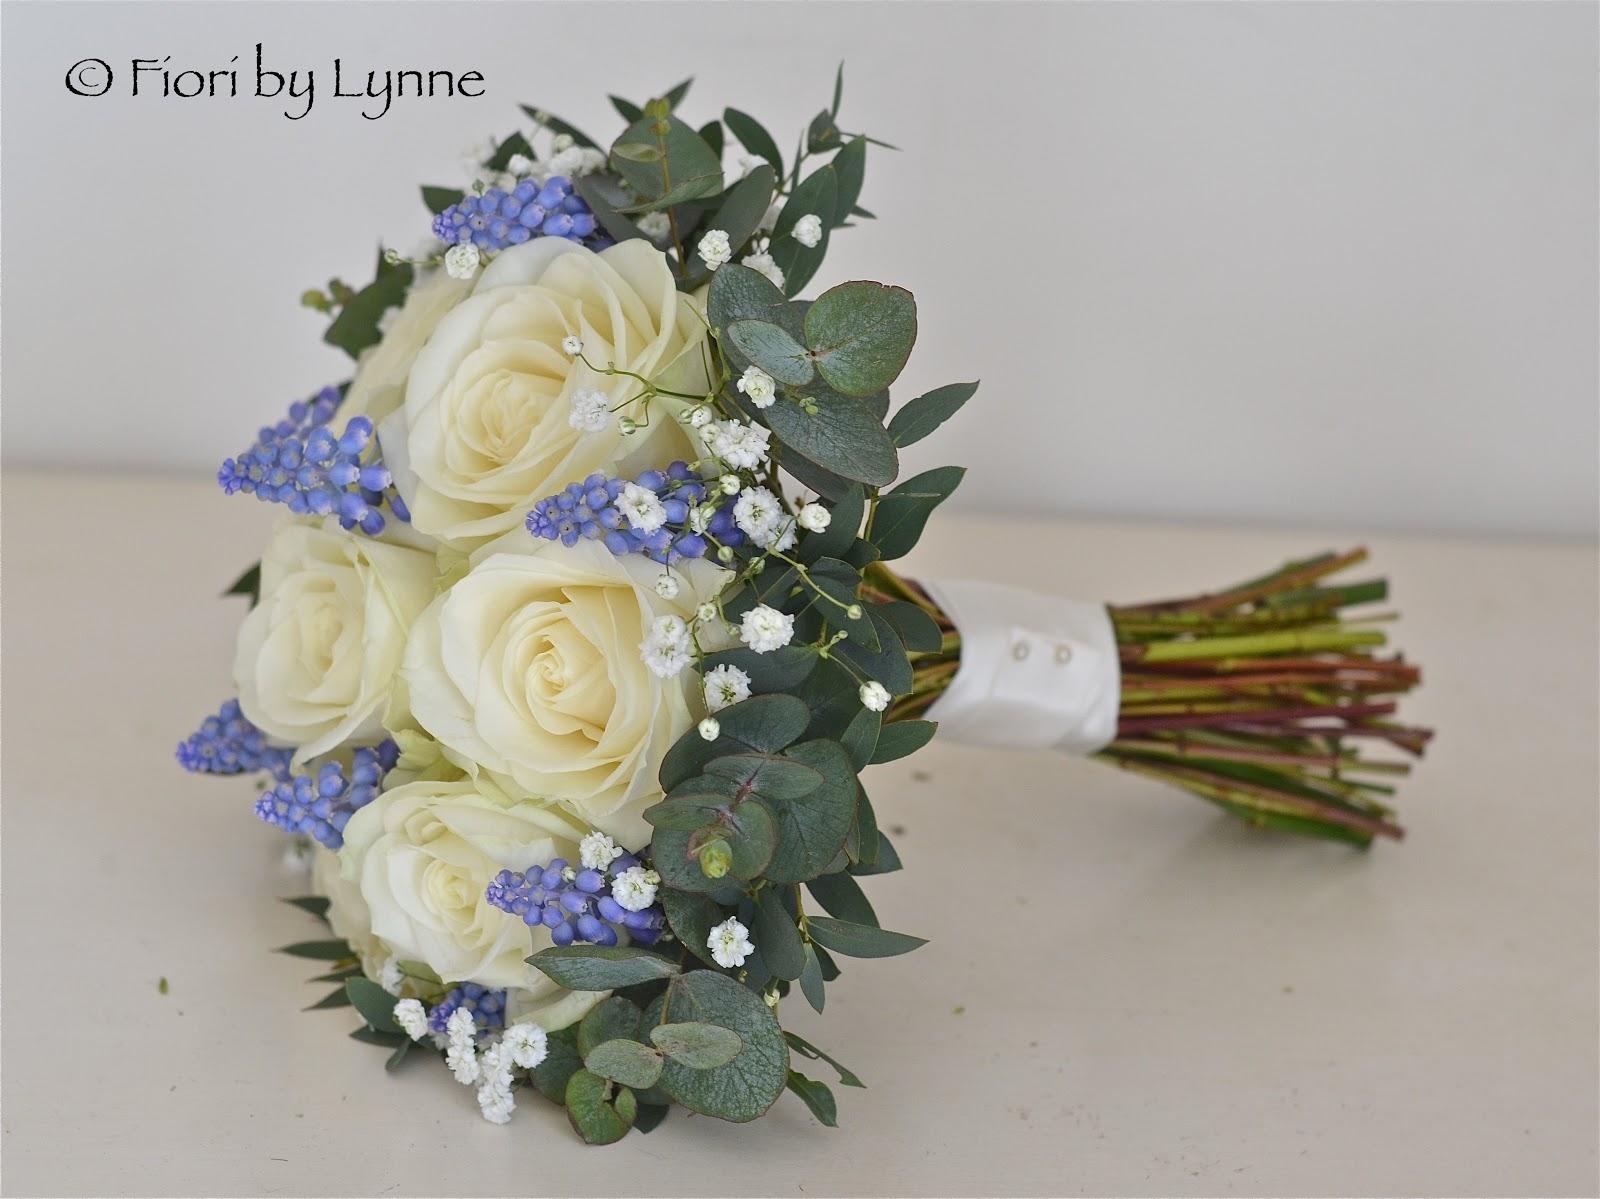 Hyacinth the flower 04 - 3 5